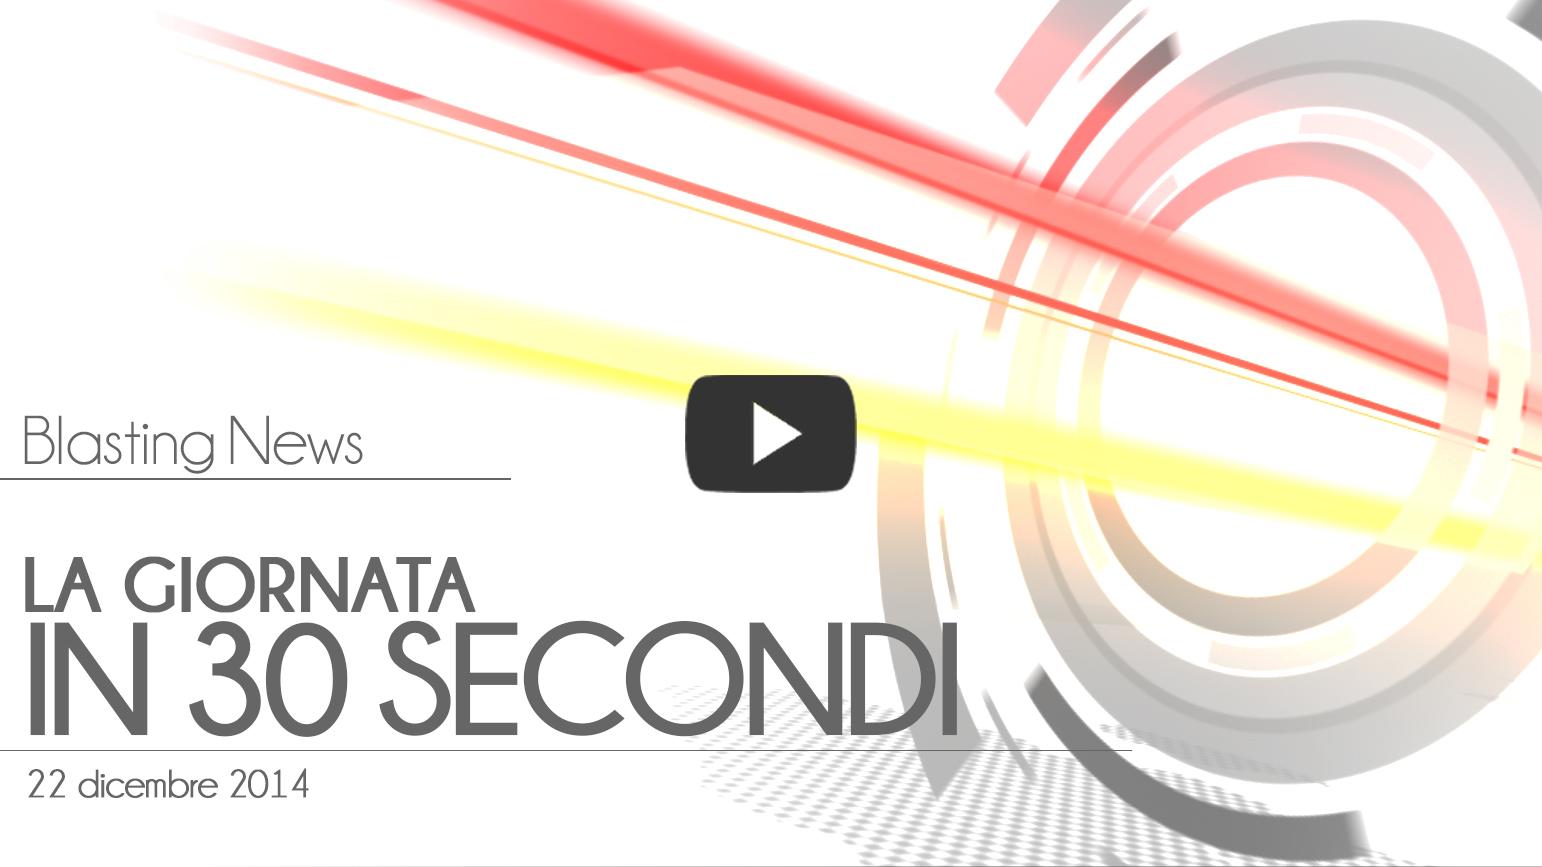 La giornata in 30 secondi - 22 dicembre 2014